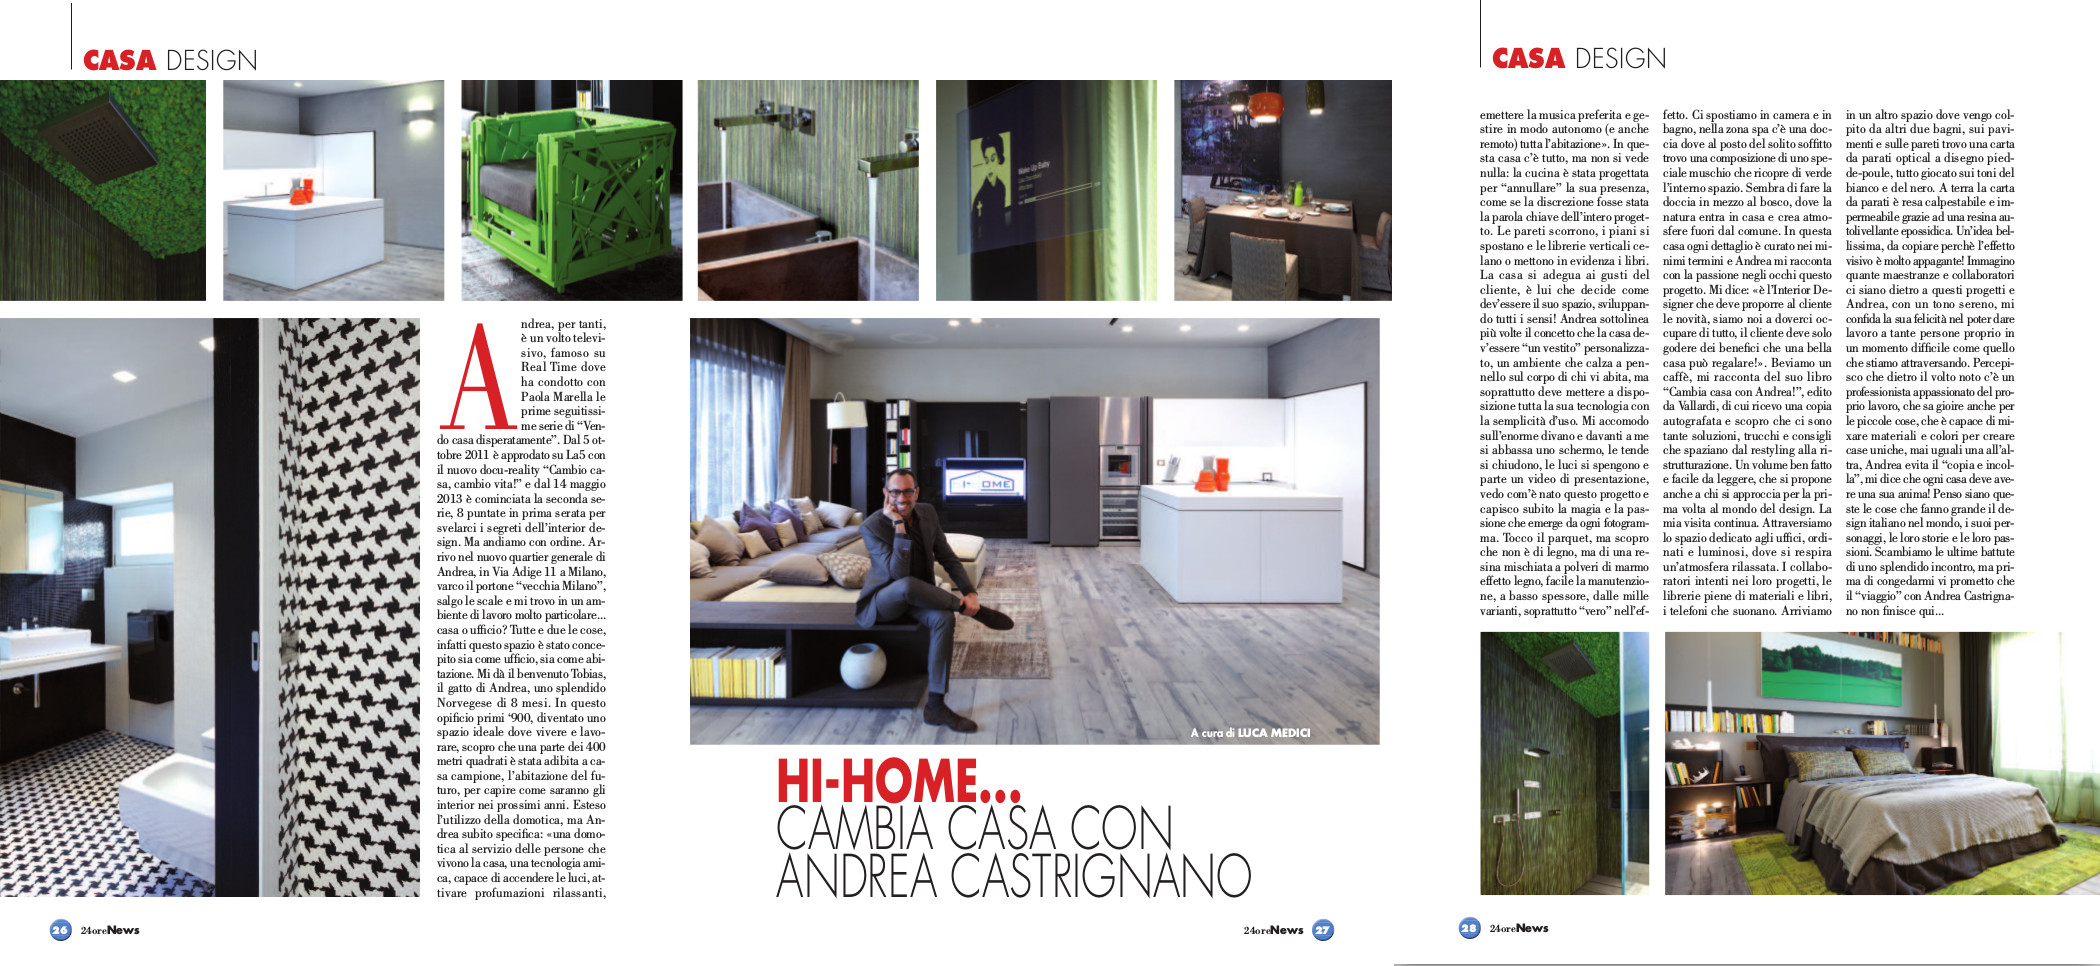 Hi Home Cambia Casa Con Andrea Castrignano My Home Luca Medici